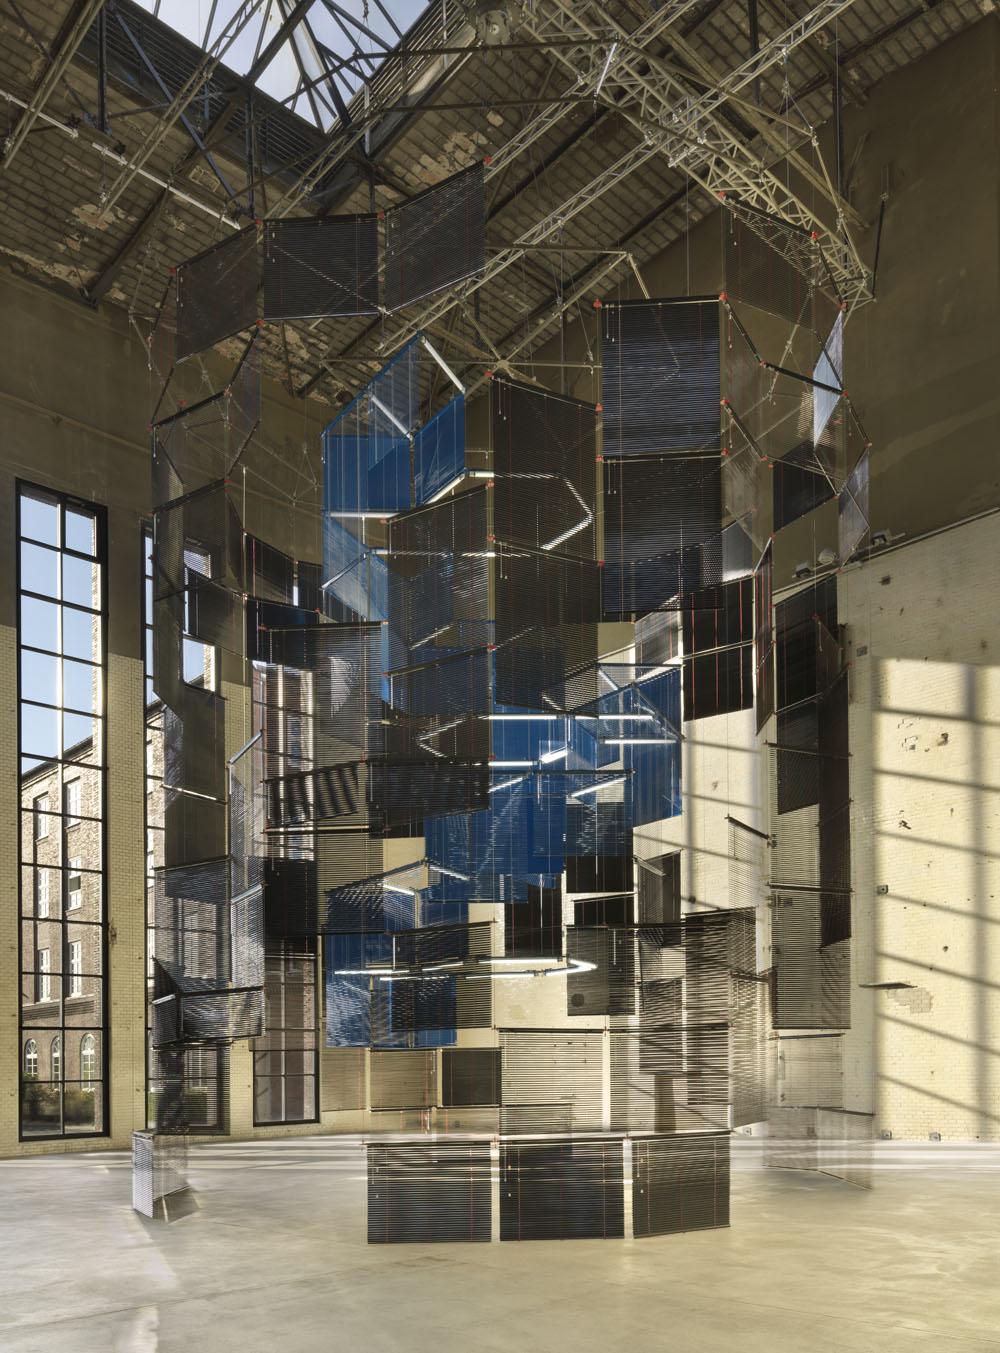 Haegue Yang, Silo of Silence – Clicked Core ,Installationsansicht KINDL – Zentrum für Zeitgenössische Kunst, Berlin 2017, Courtesy die Künstlerin, Foto: Jens Ziehe